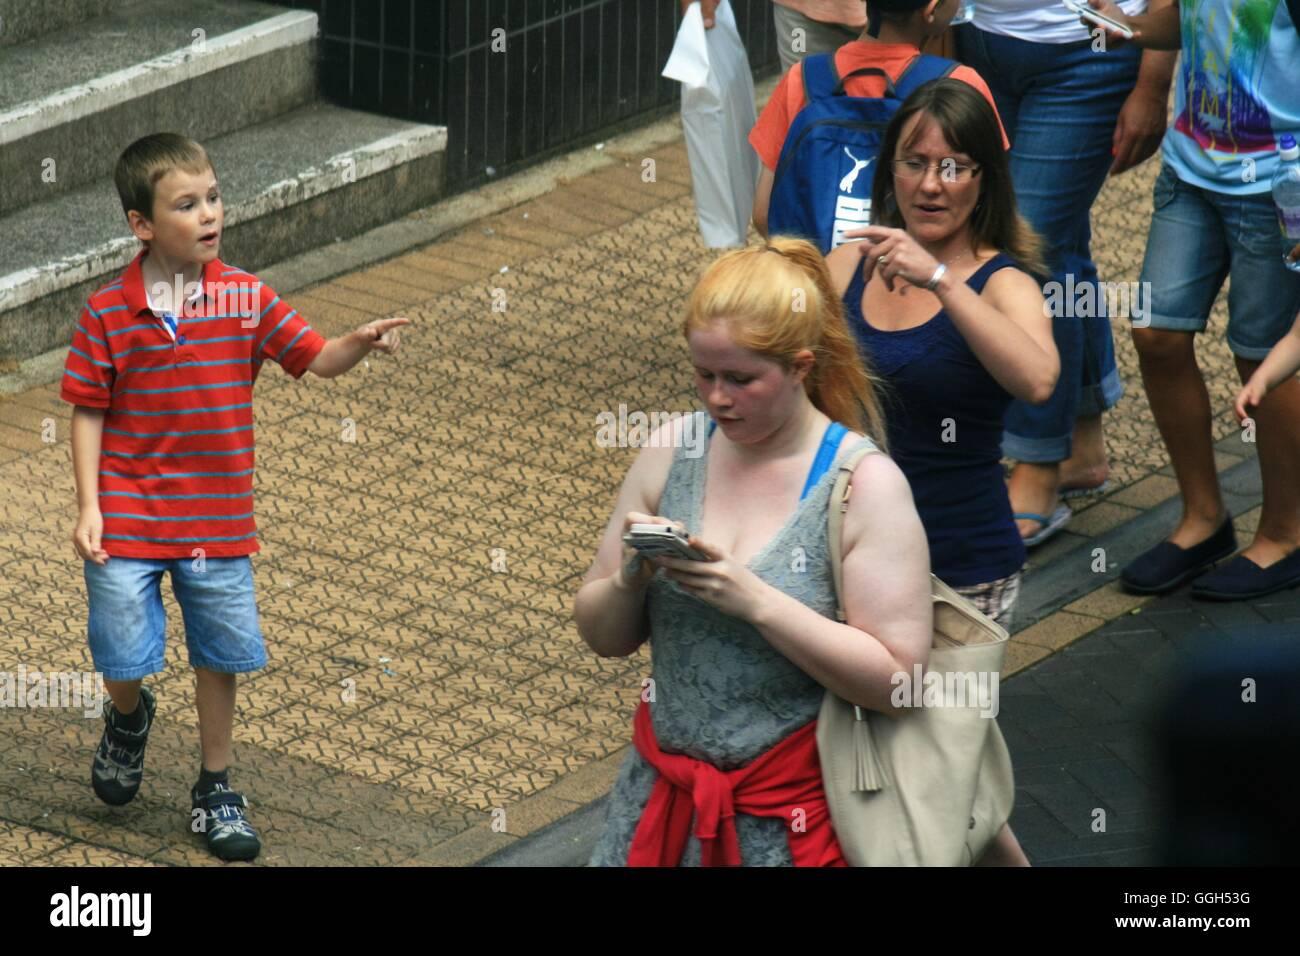 Ragazza utilizzando phone passeggiando per il centro città Immagini Stock